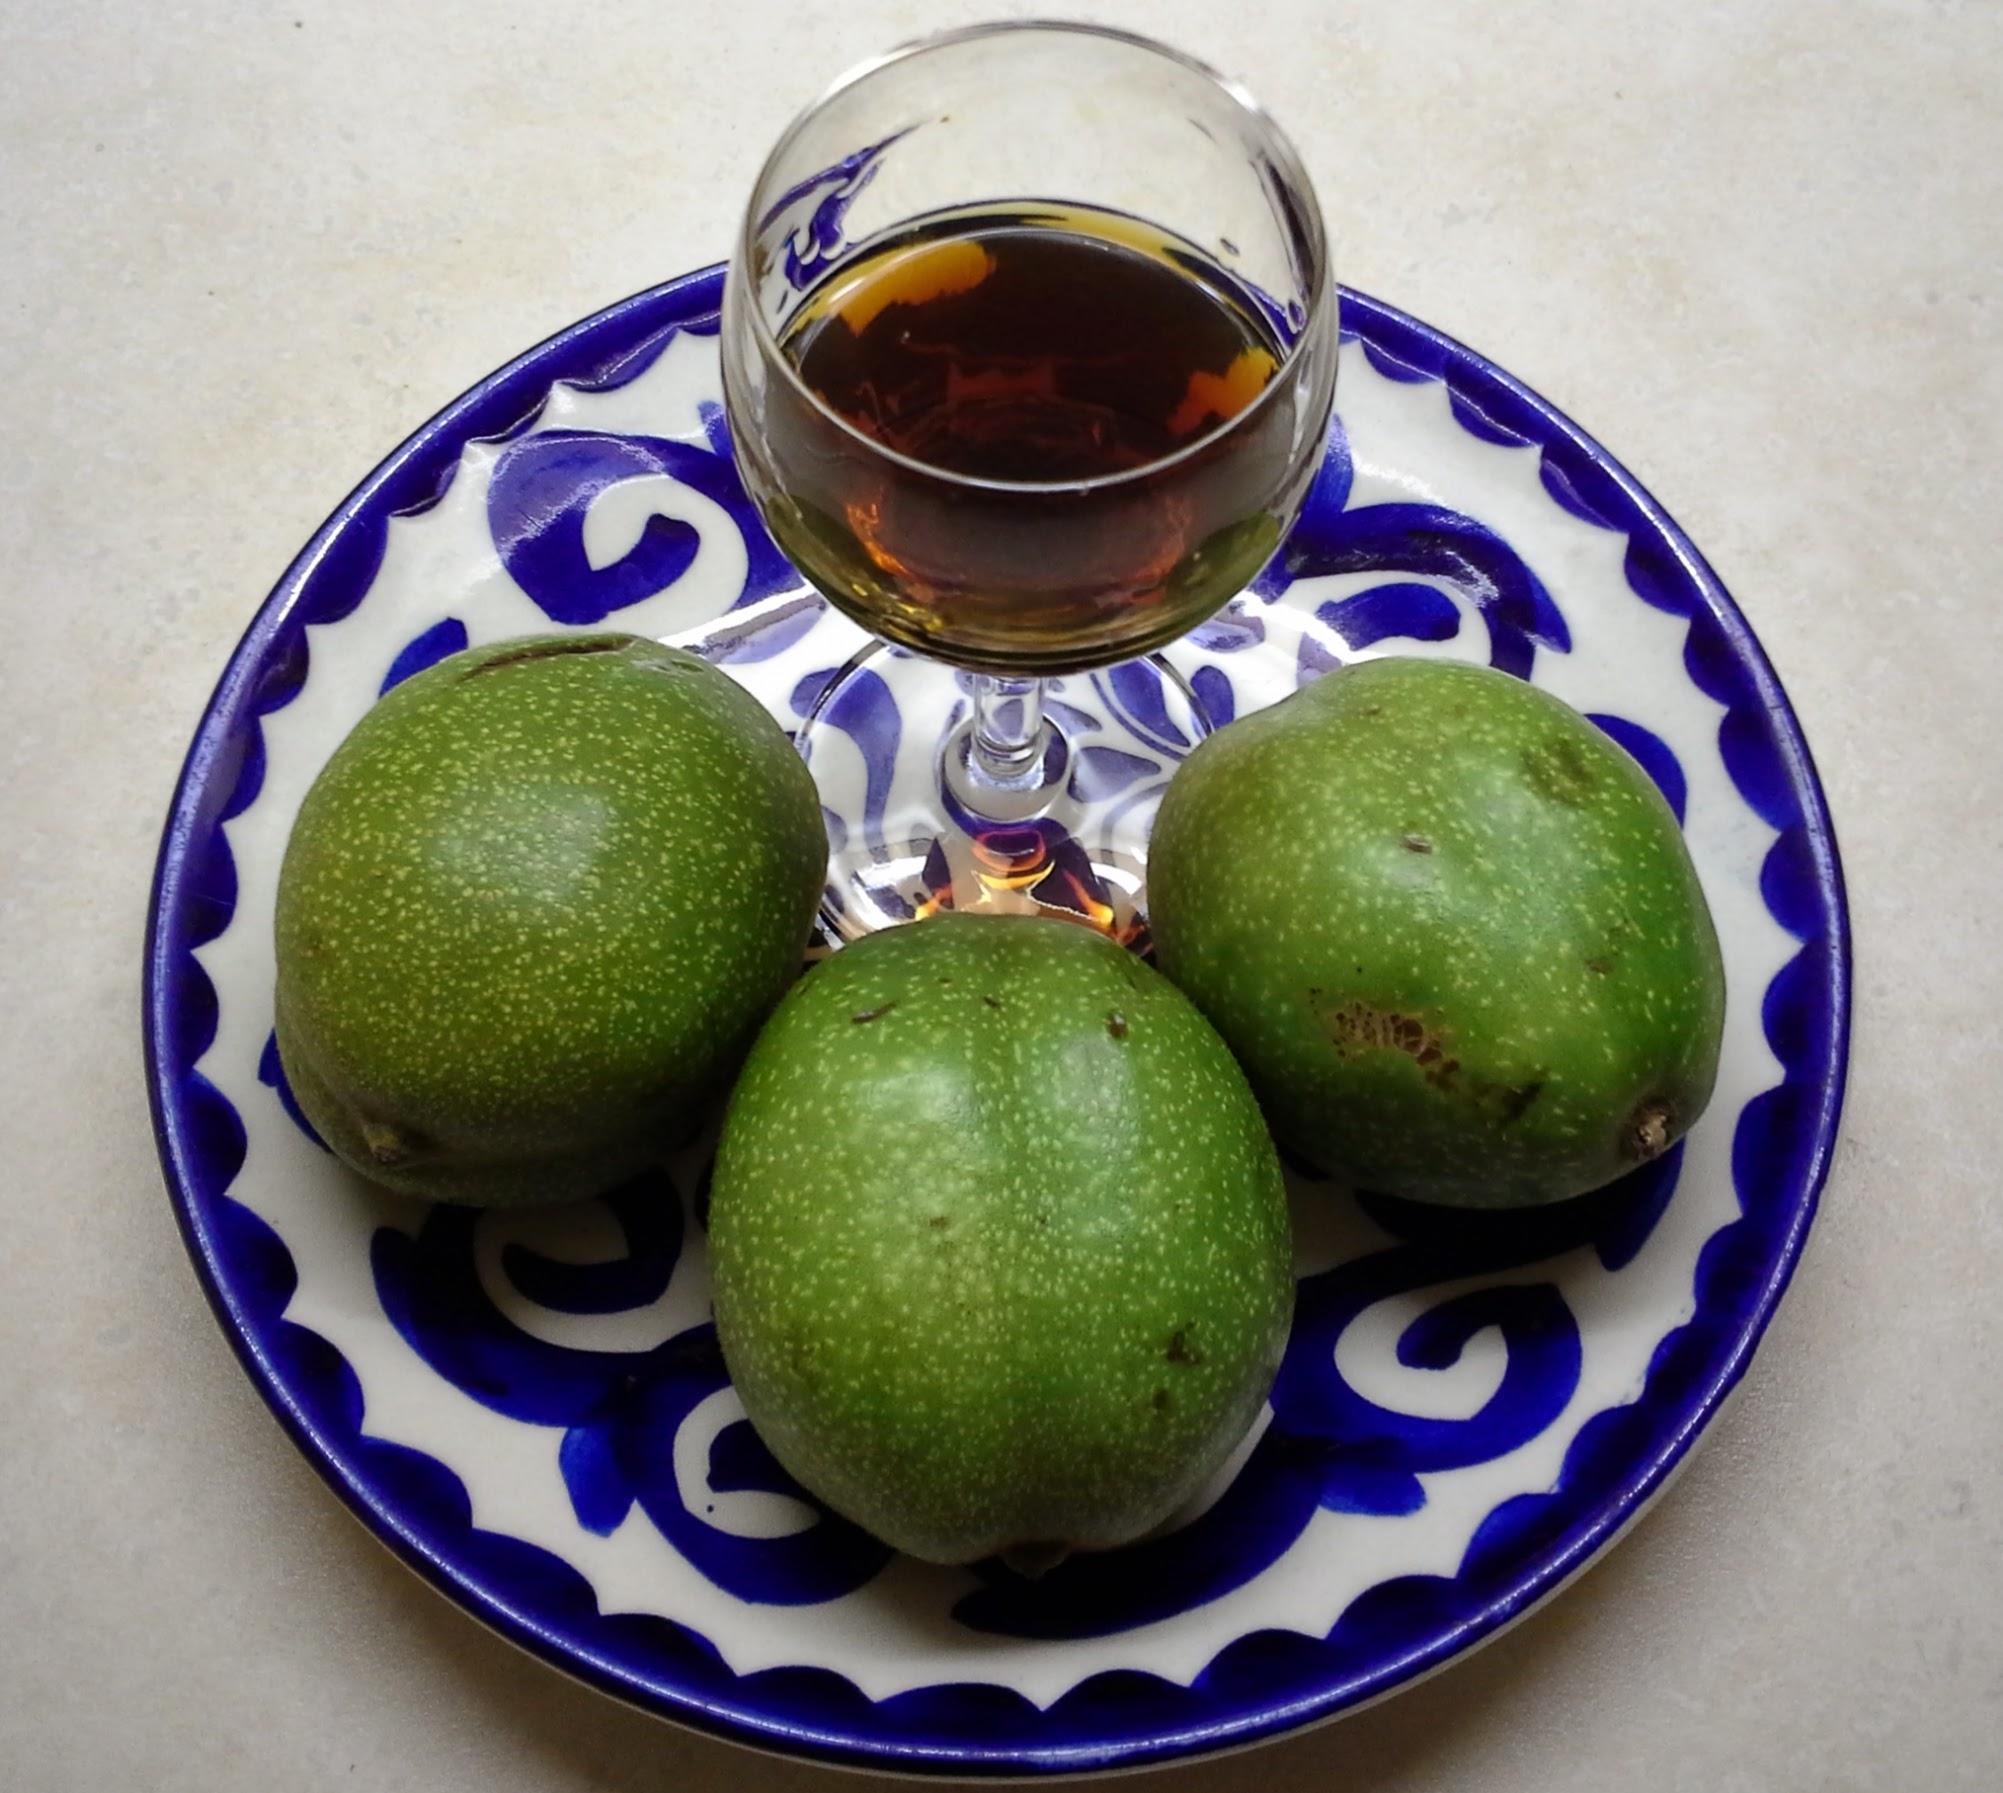 Nocino_Green Walnuts.jpg